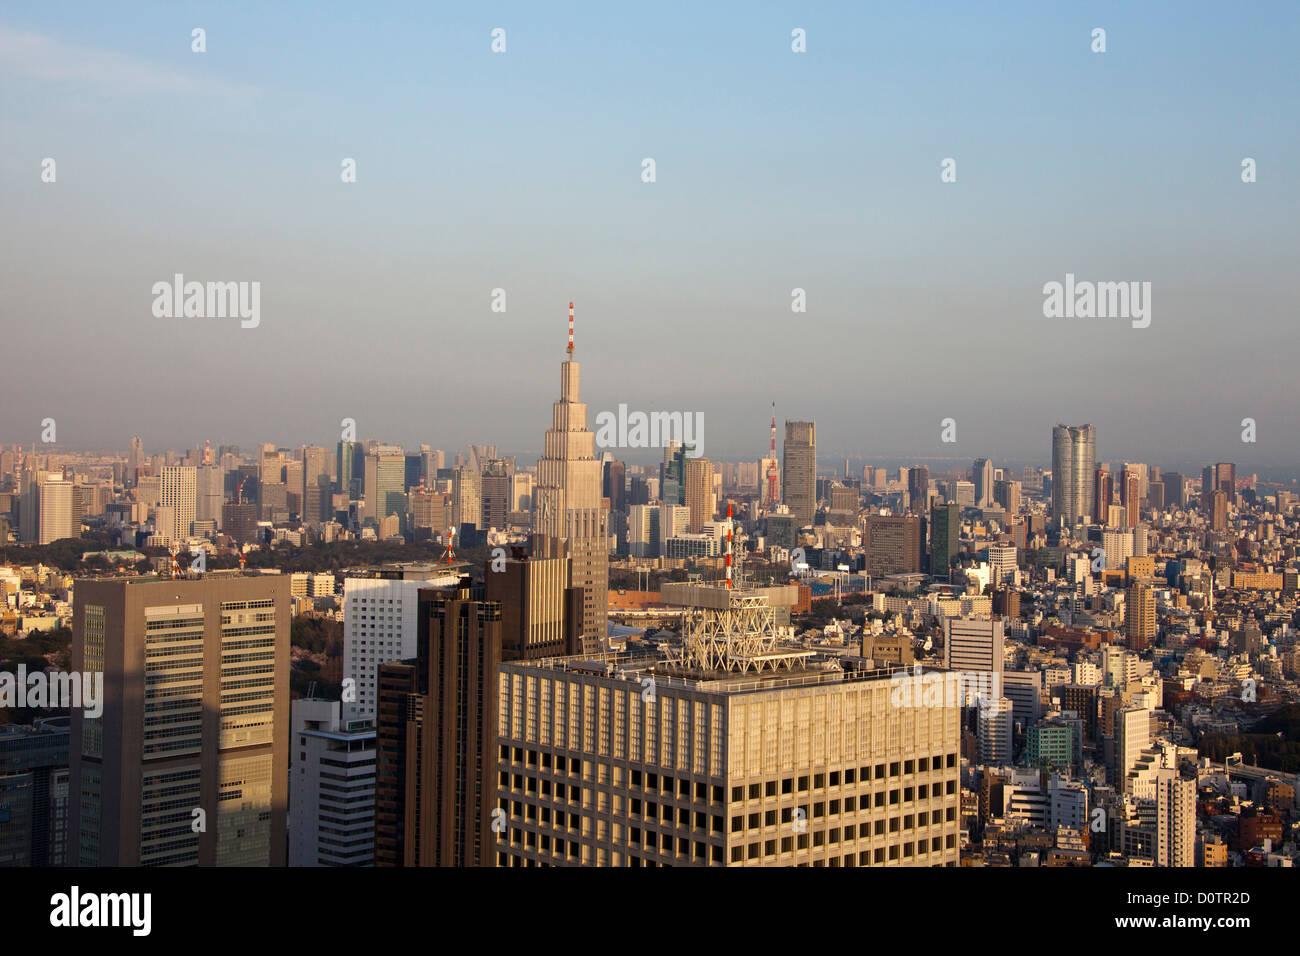 Giappone, Asia, vacanze, viaggi, Tokyo City e il centro cittadino, skyline, edifici, tetti, panoramica Immagini Stock